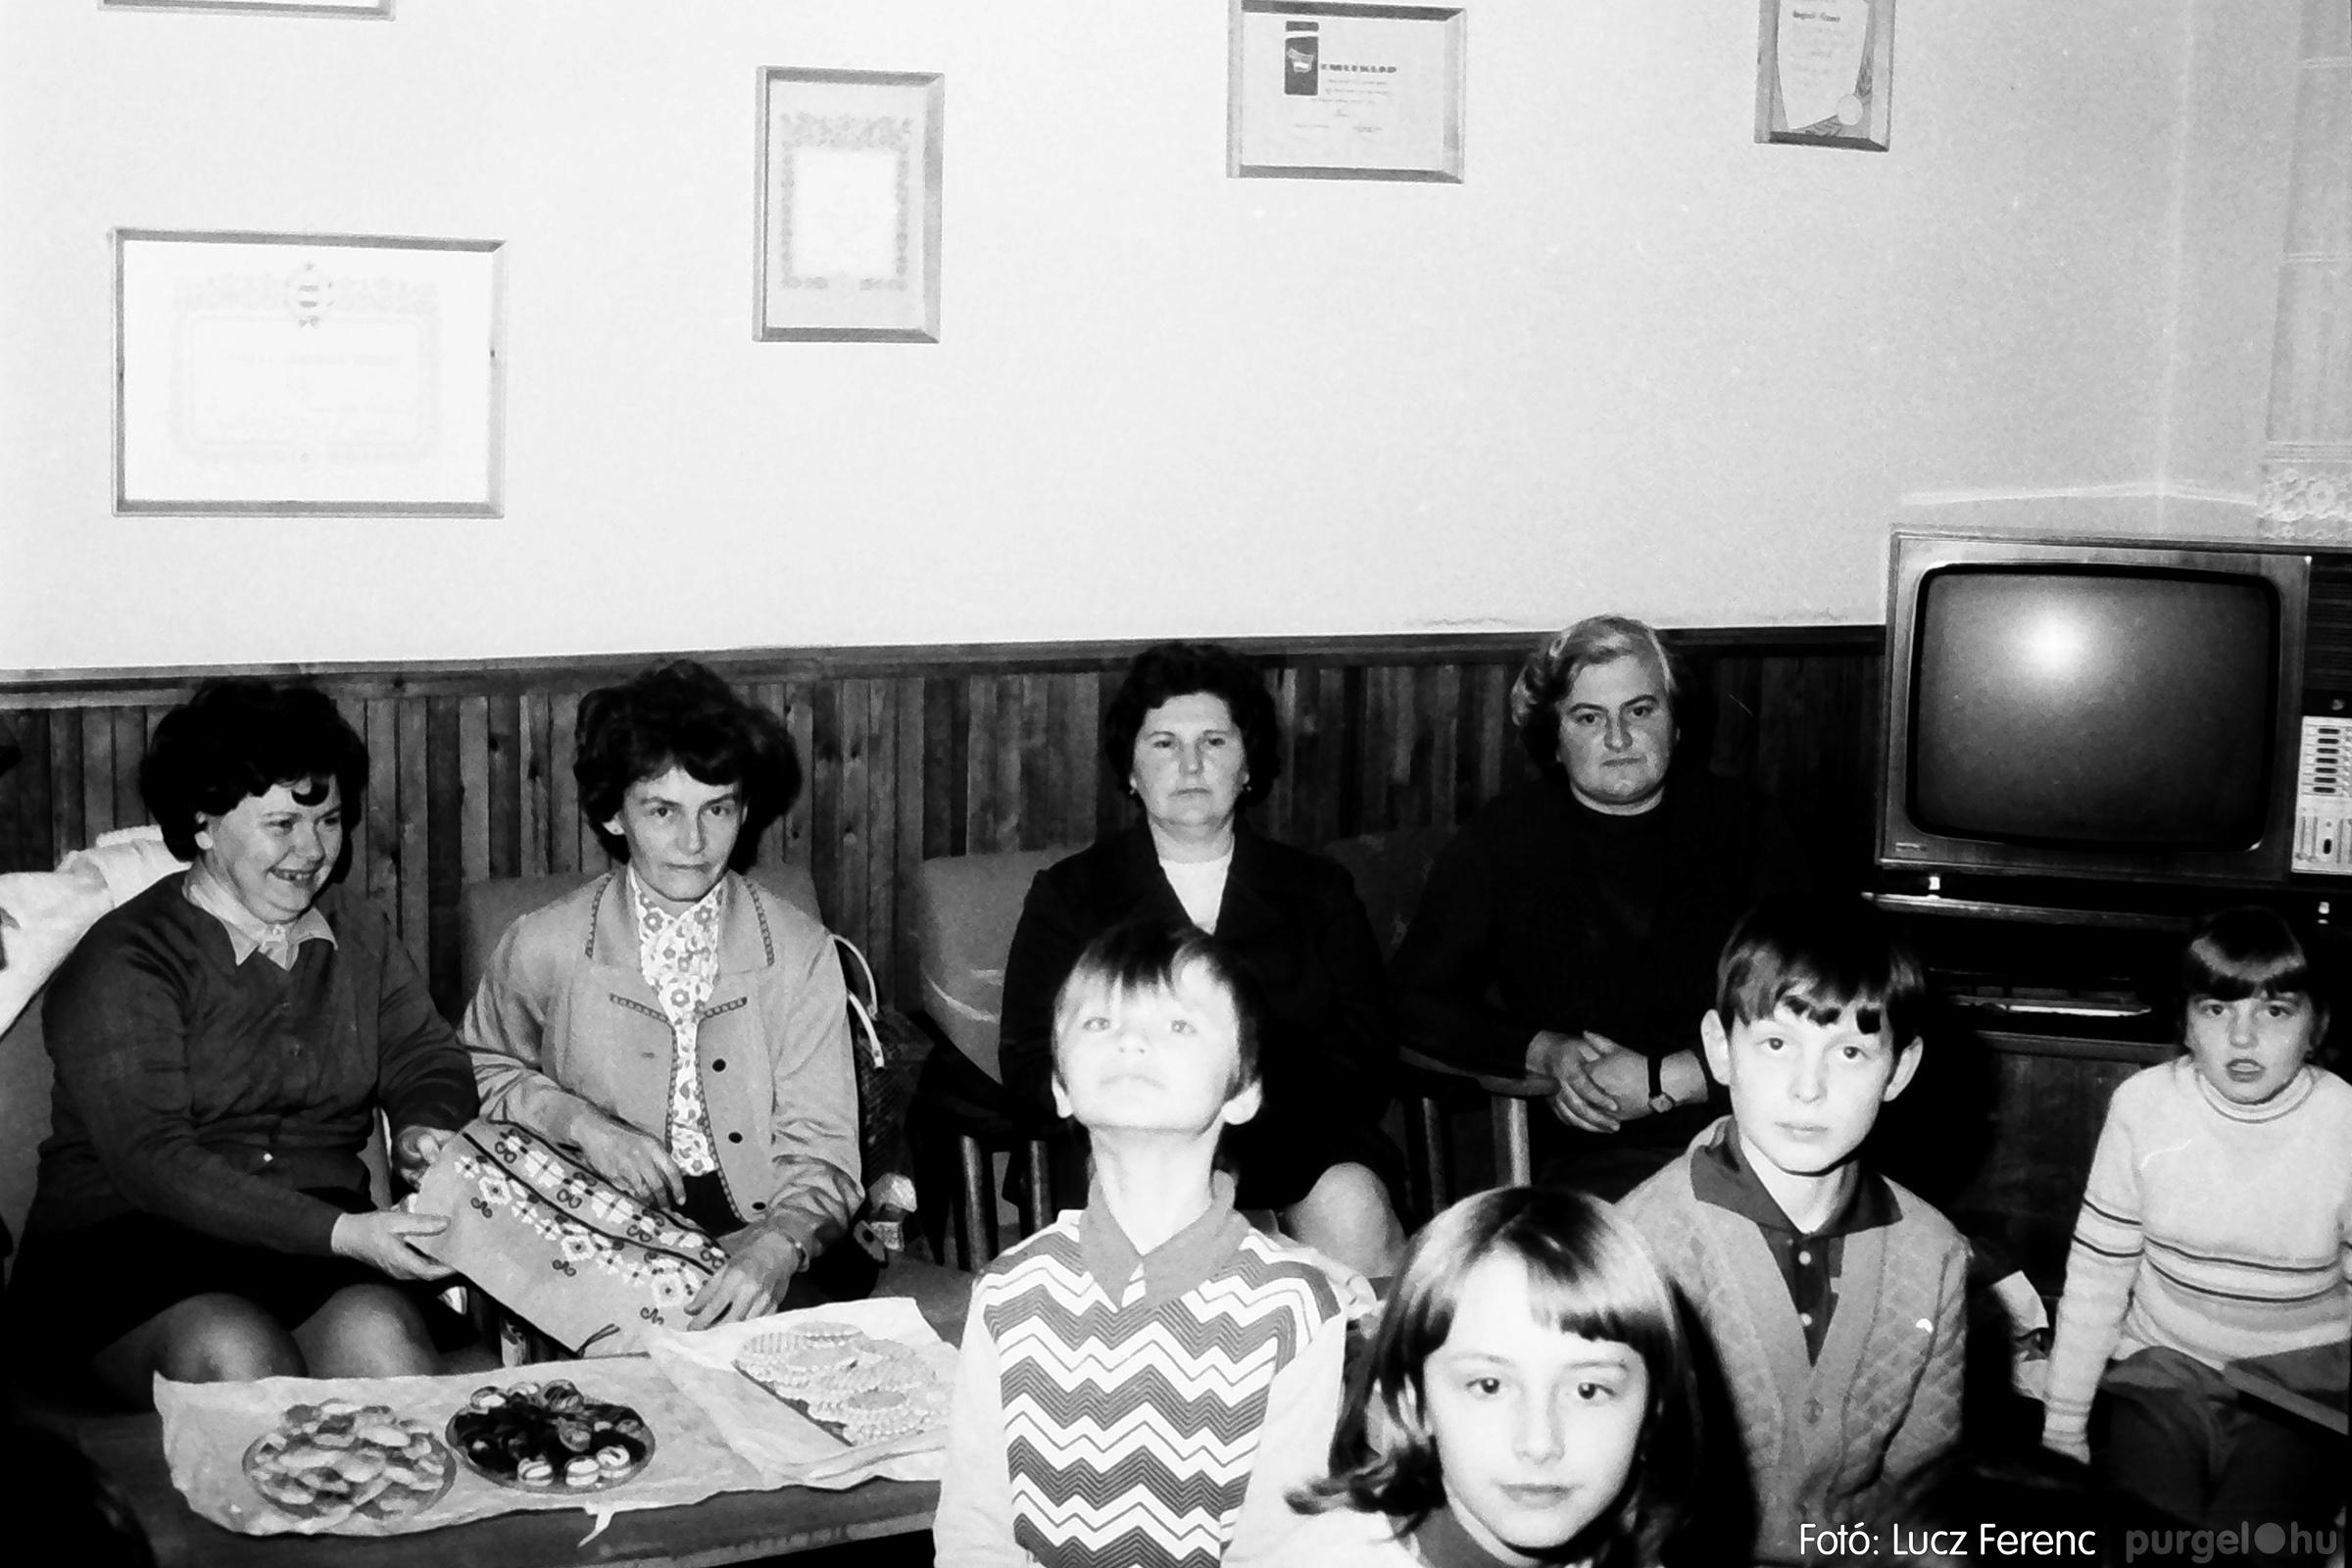 096. 1977. Karácsonyi összejövetel a kultúrházban 008. - Fotó: Lucz Ferenc.jpg